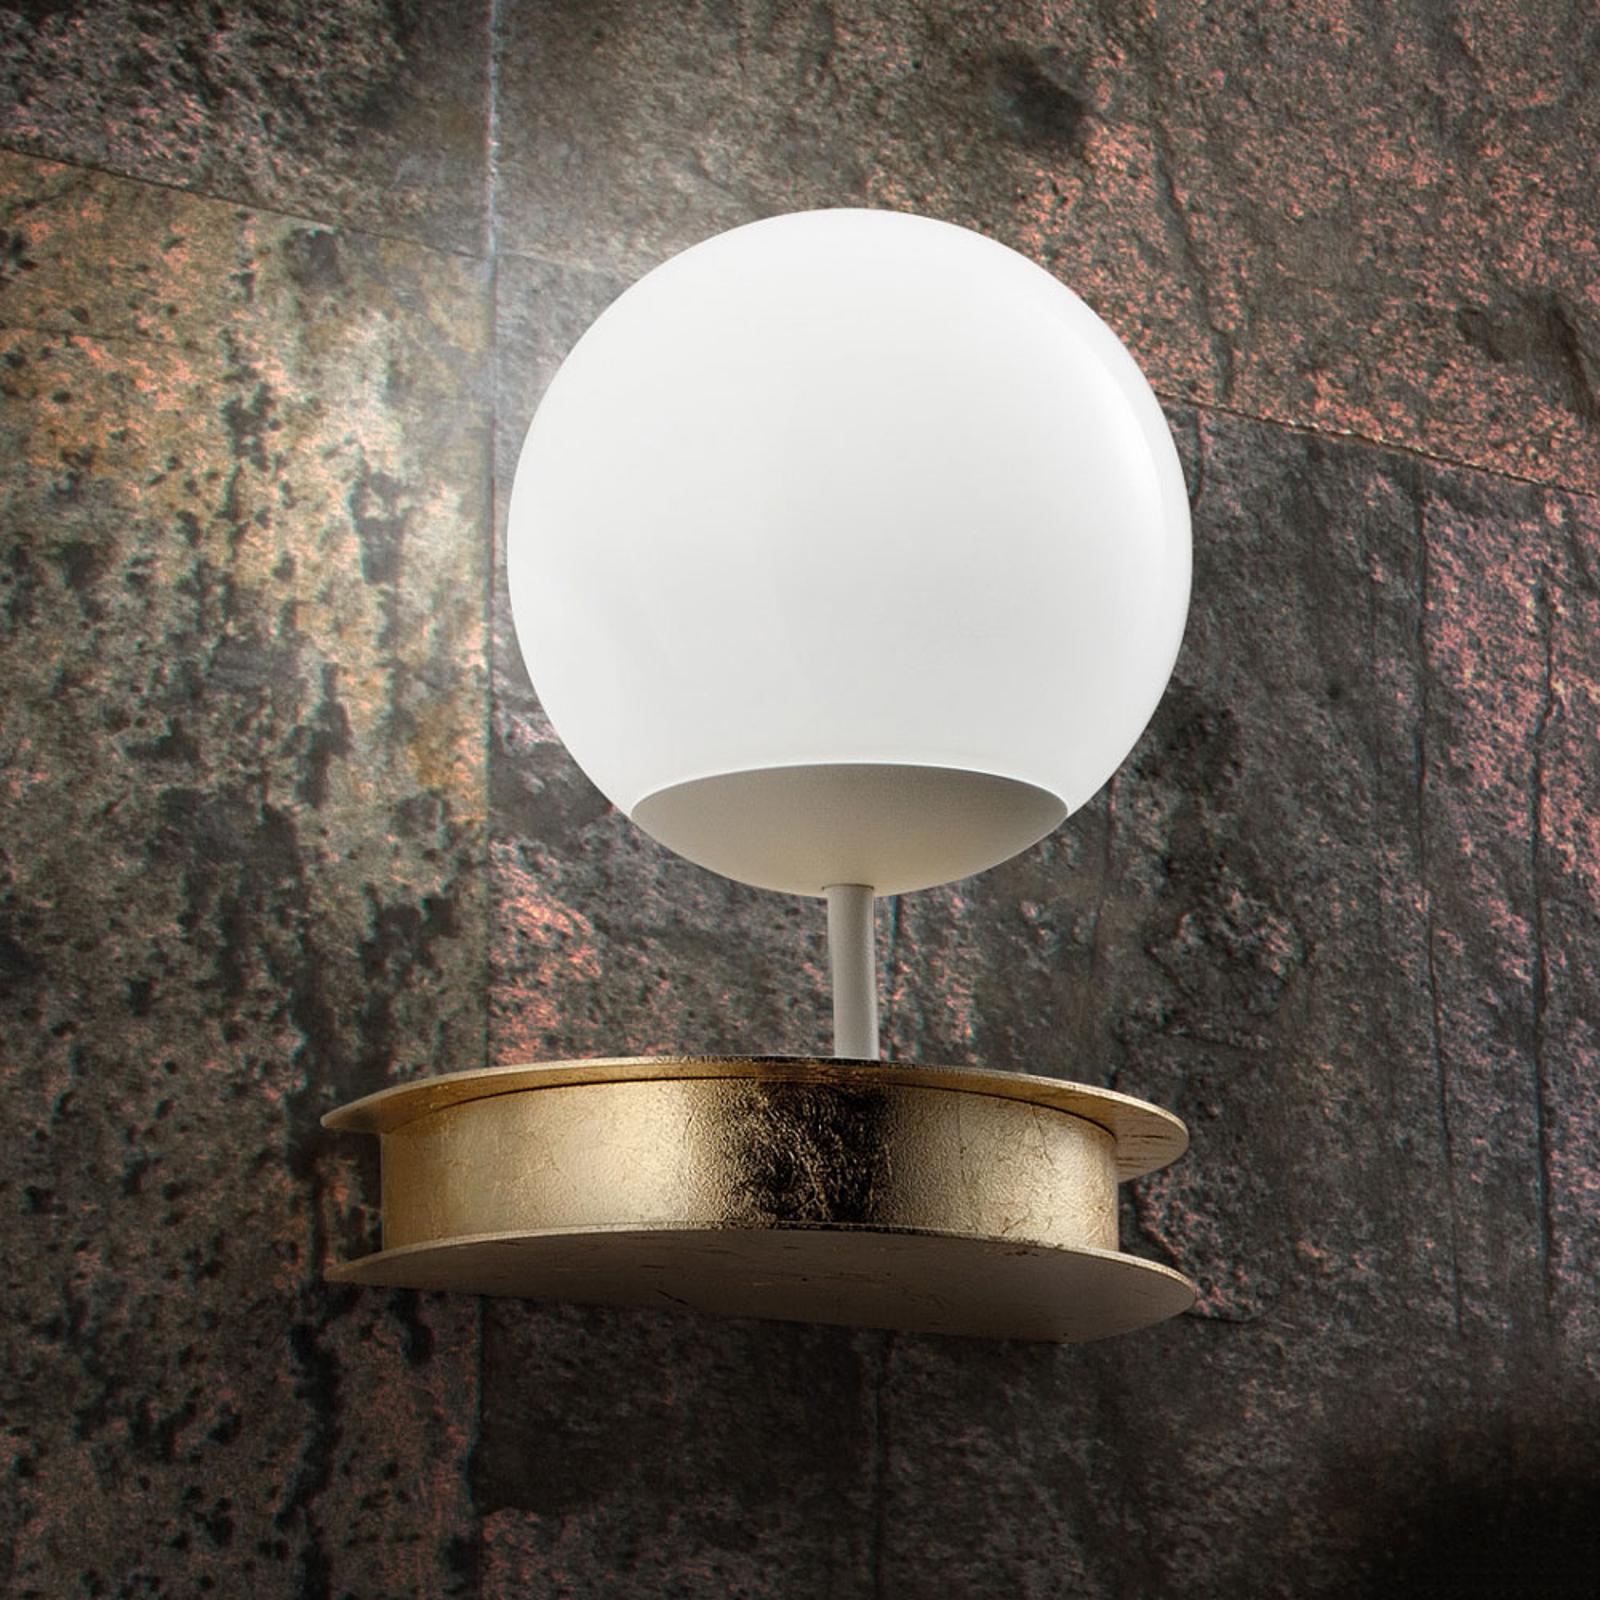 Praktfull LED-taklampe Sfera i gull